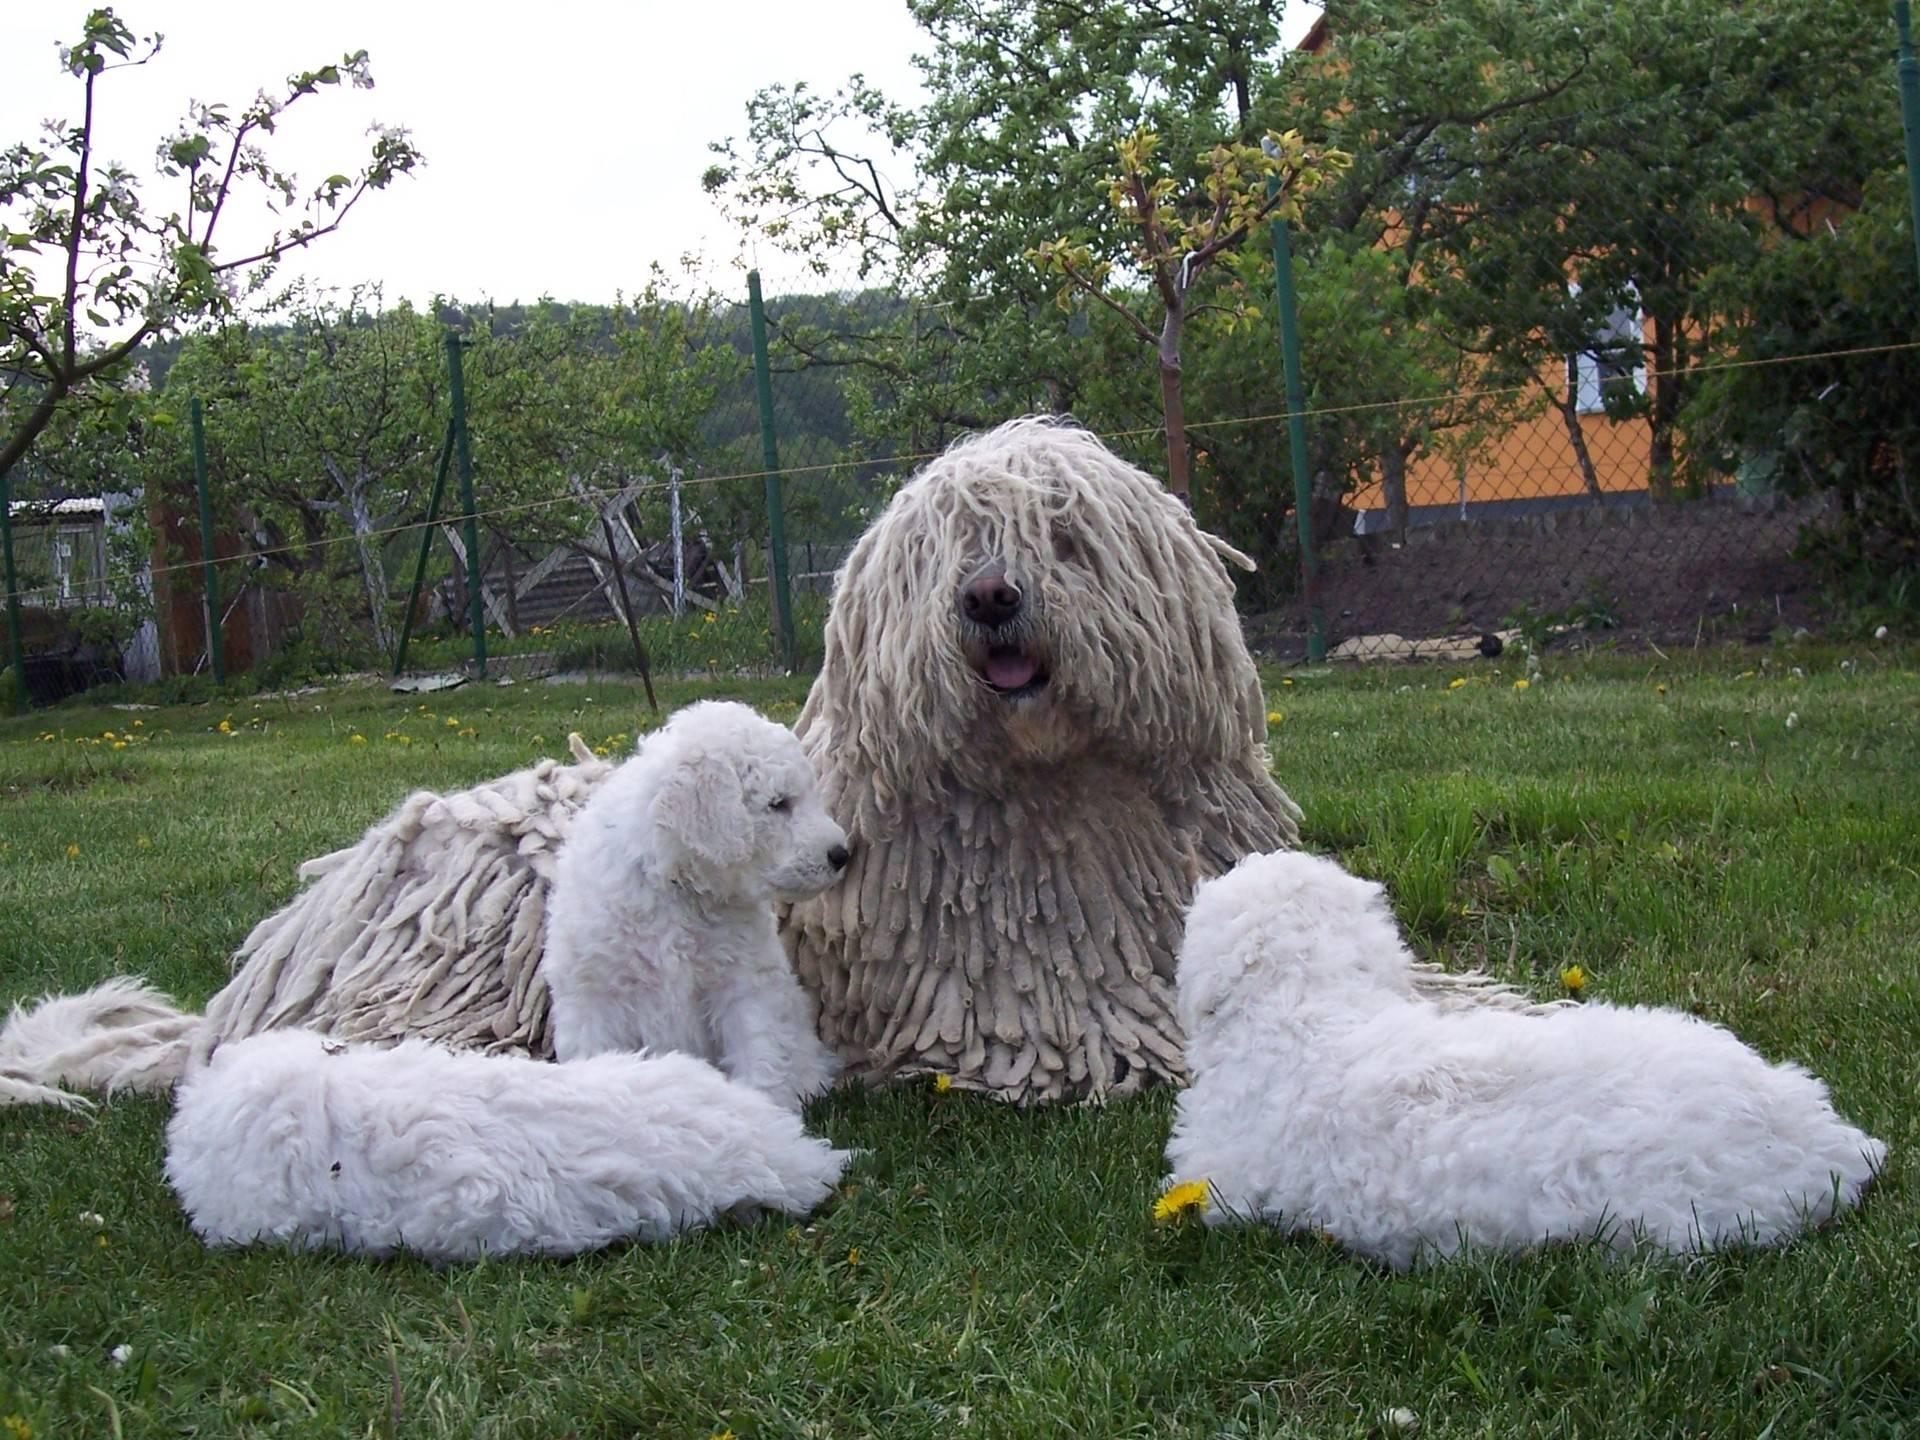 Комондор, венгерская сторожевая овчарка: стандарт породы и характер, особенности ухода и дрессировки